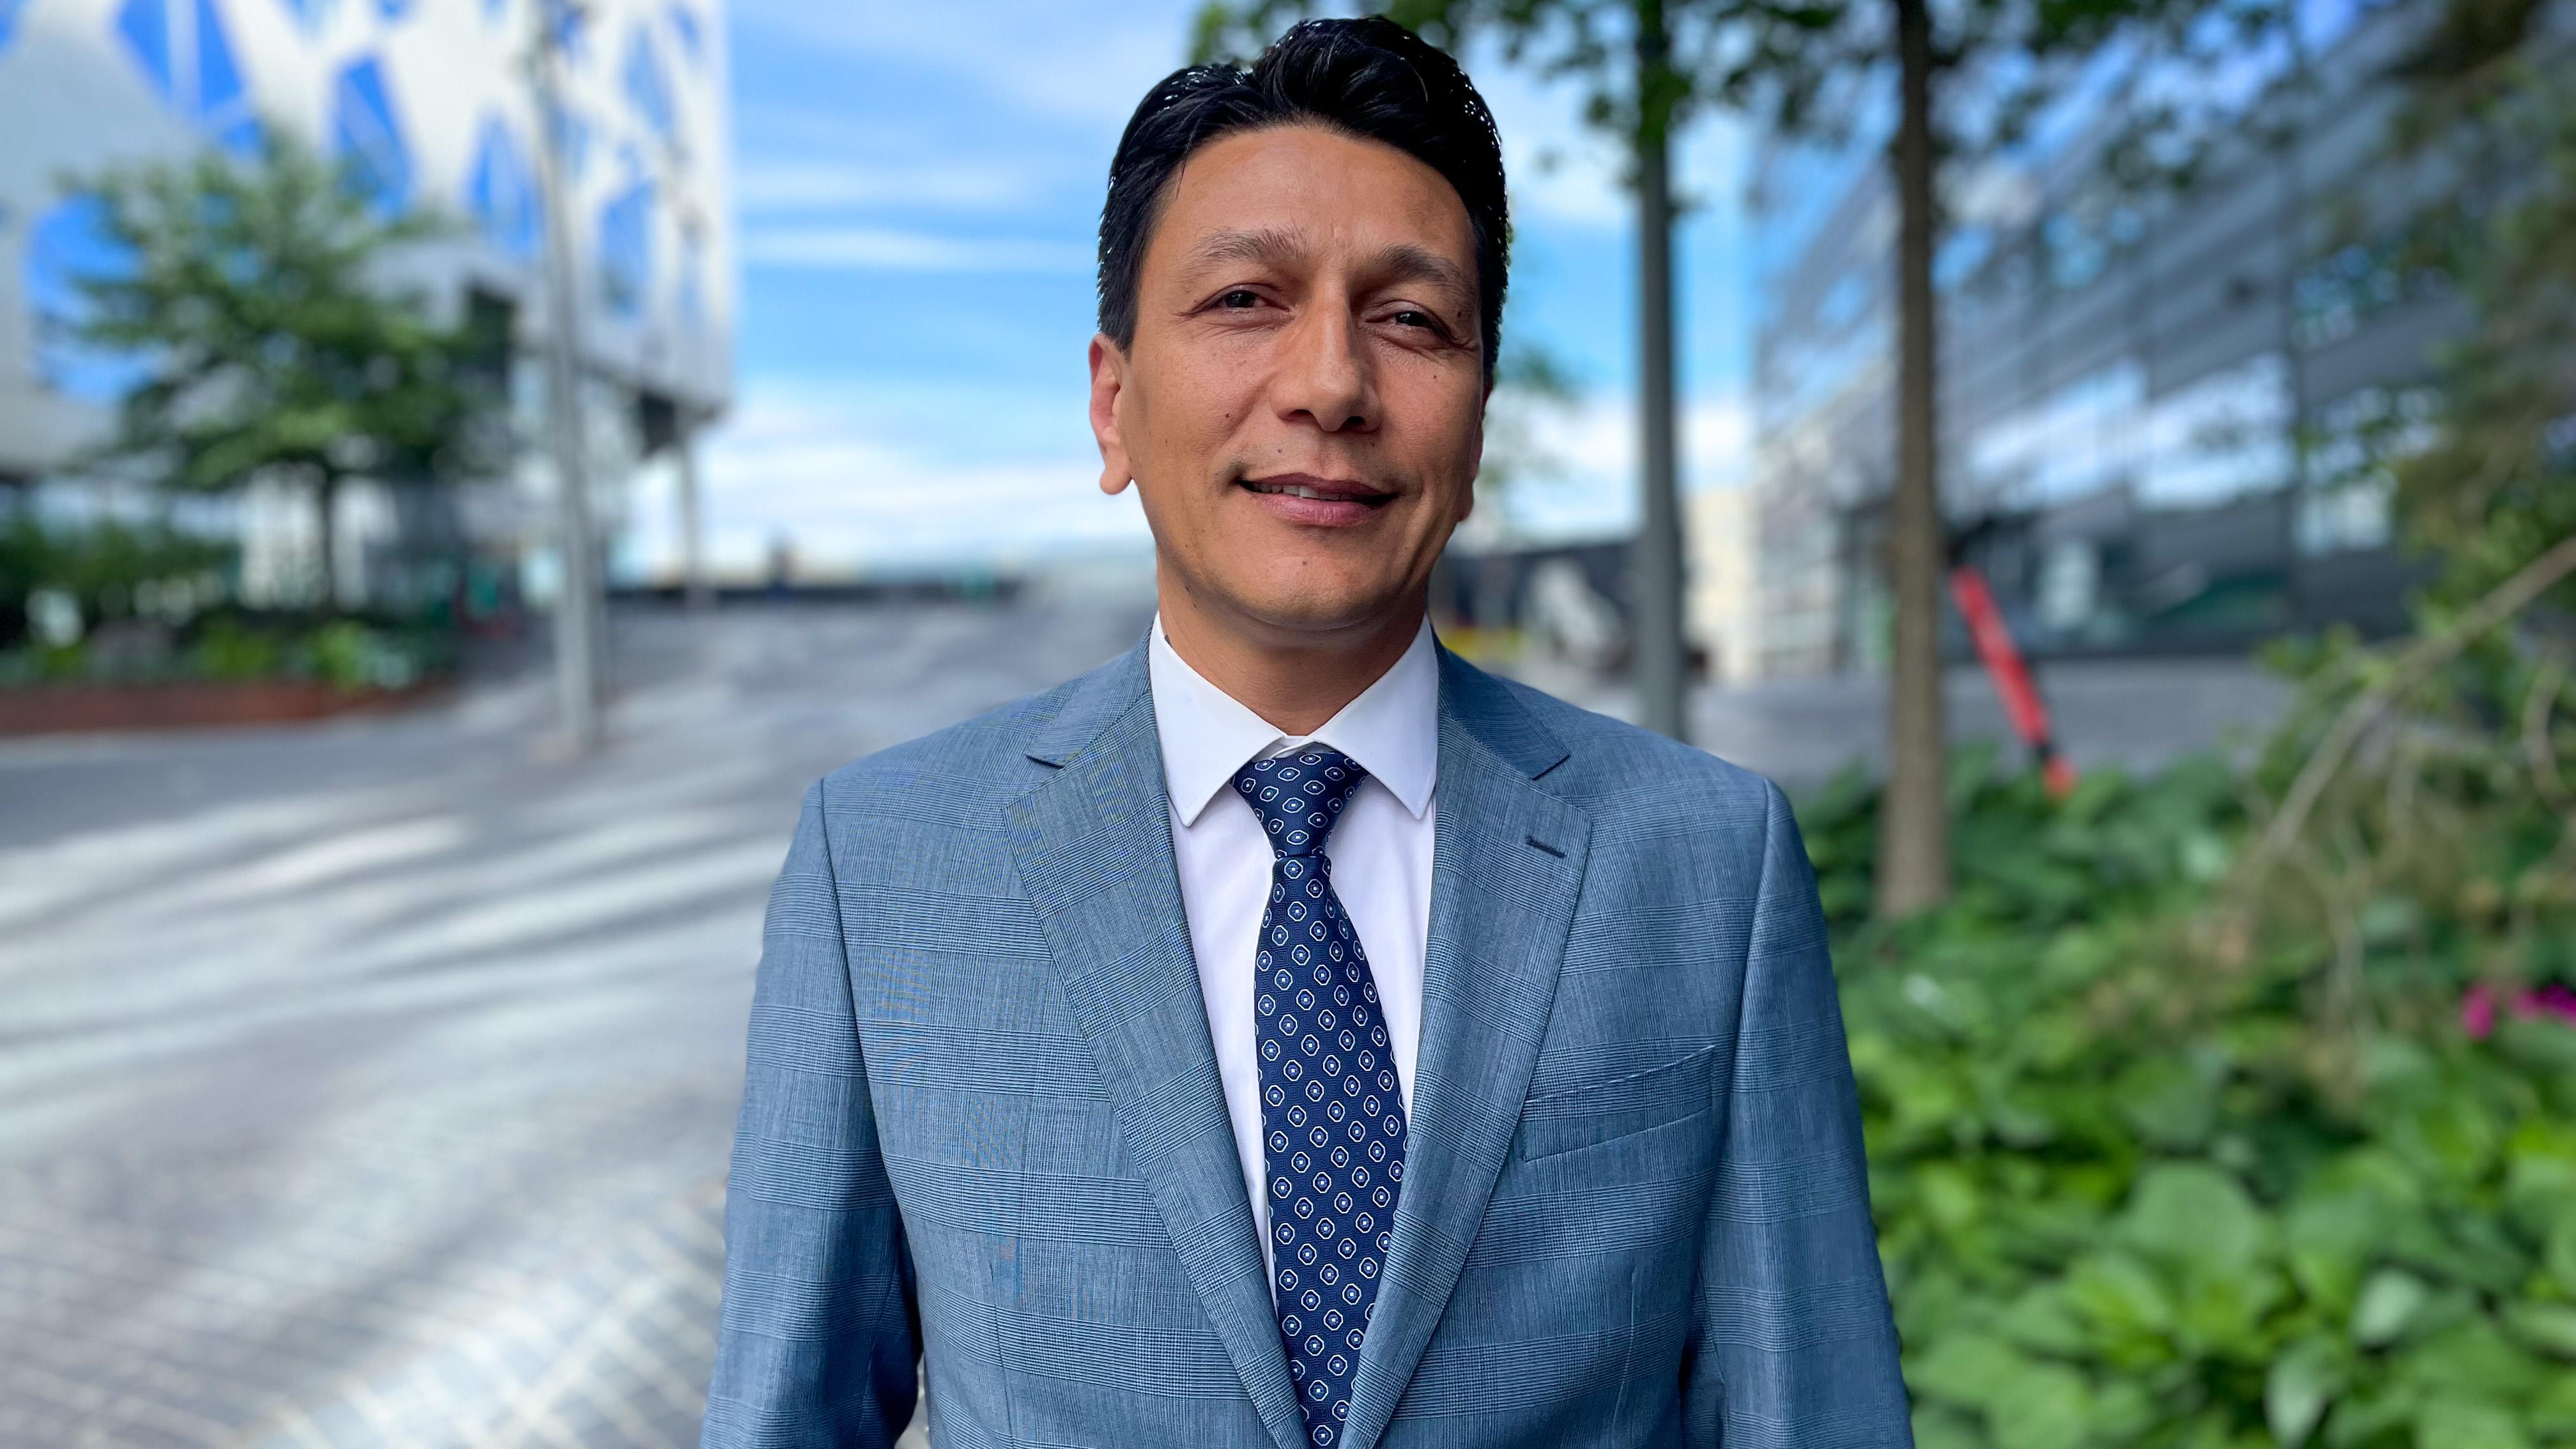 Ayub Tughra, bydelsdirektør Grorud bydel